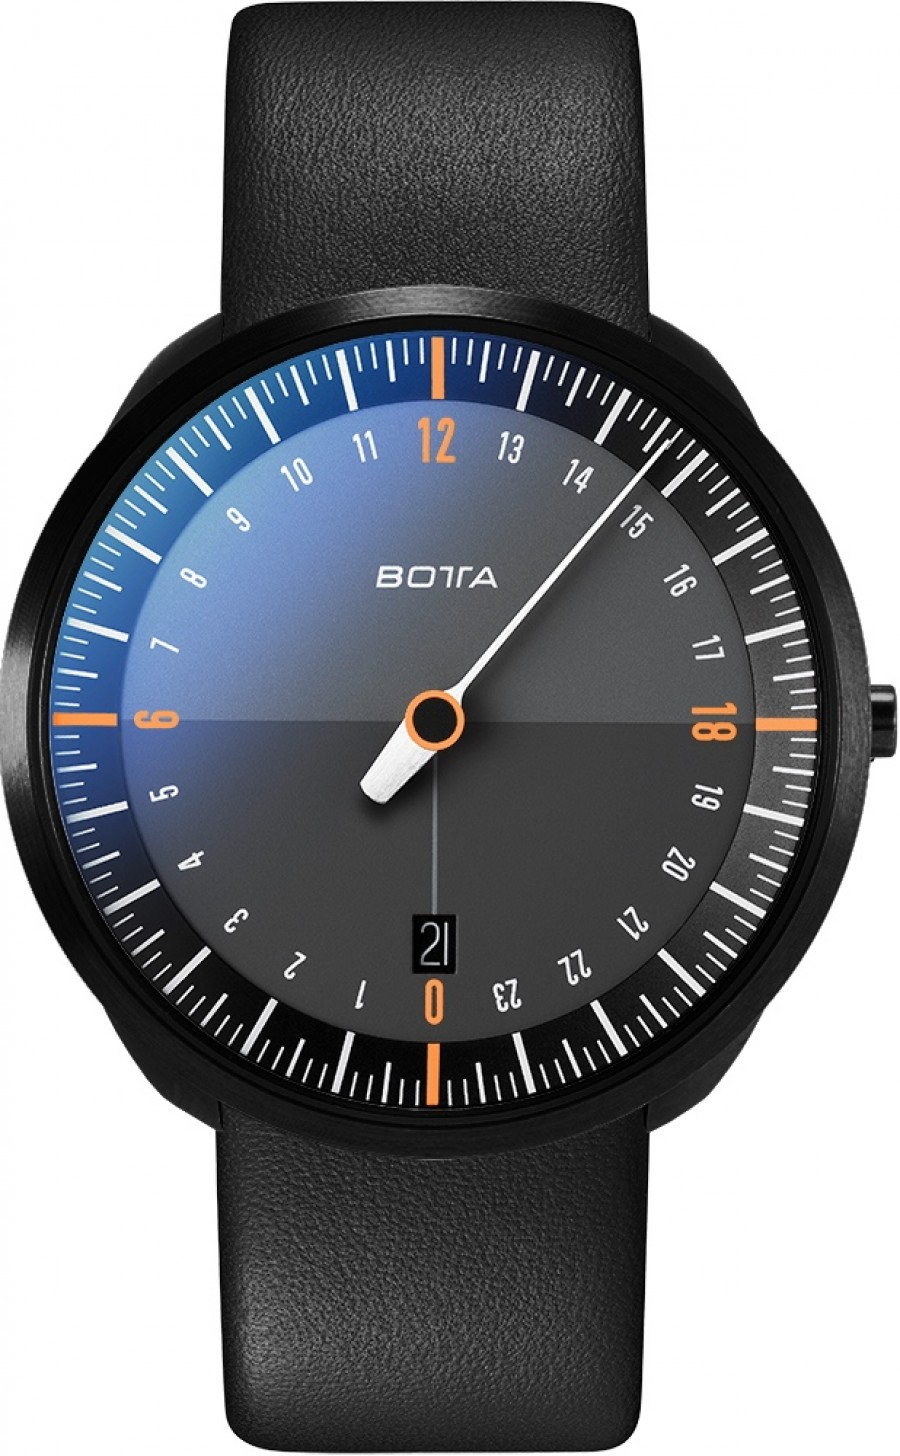 Botta Design uno 24 titan black edition orange 429010BE quartz 40mm